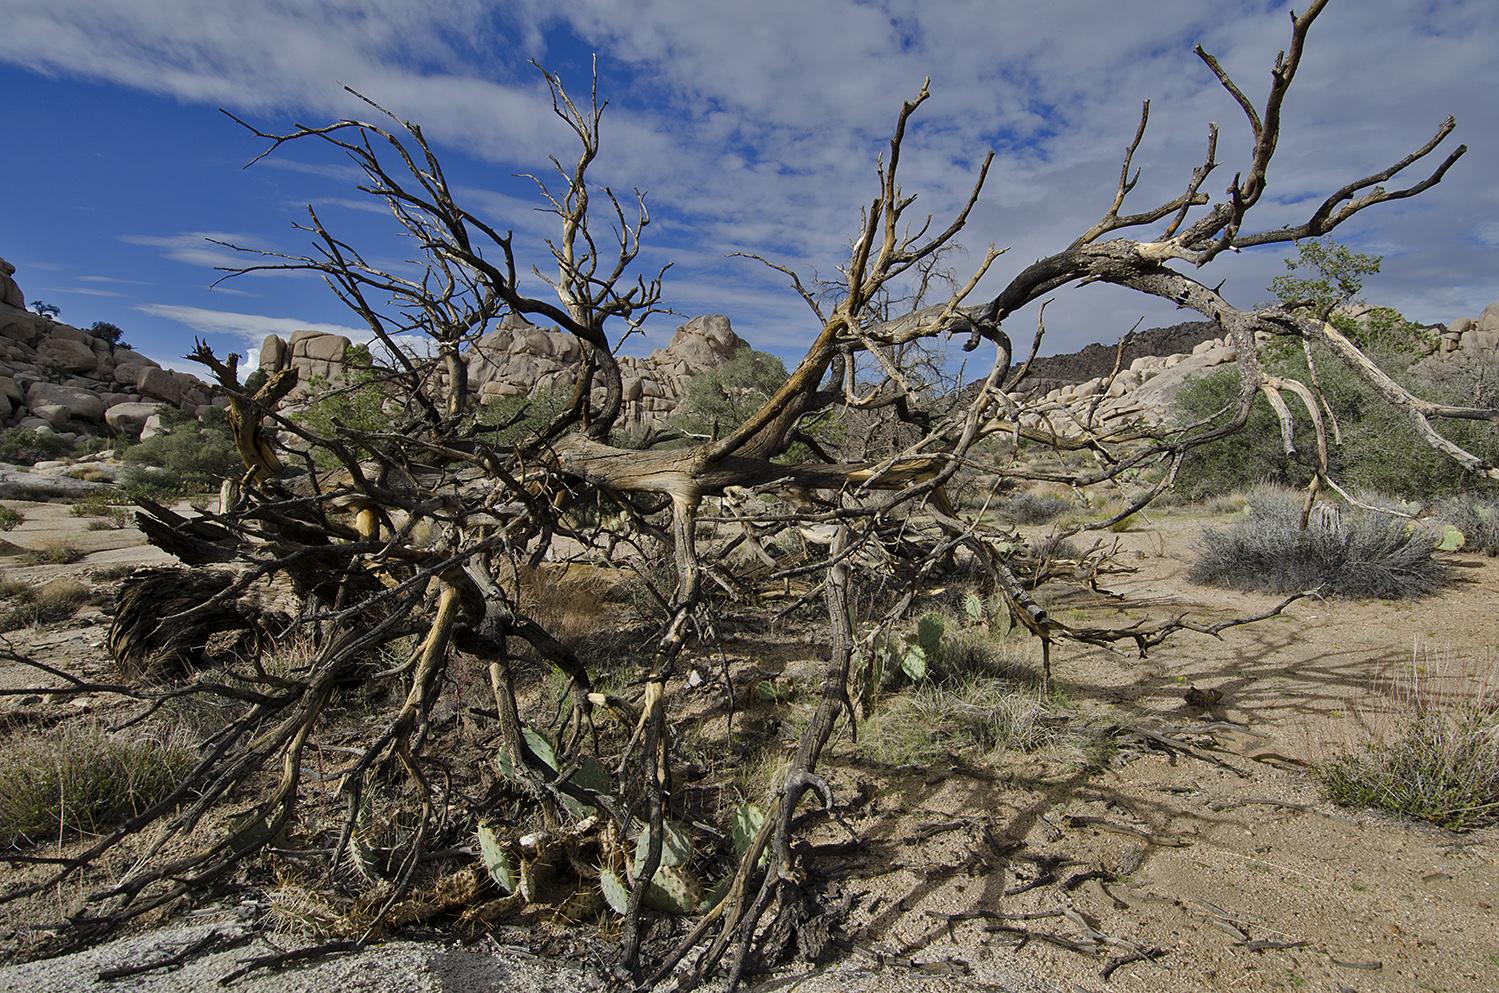 A Dead Tree